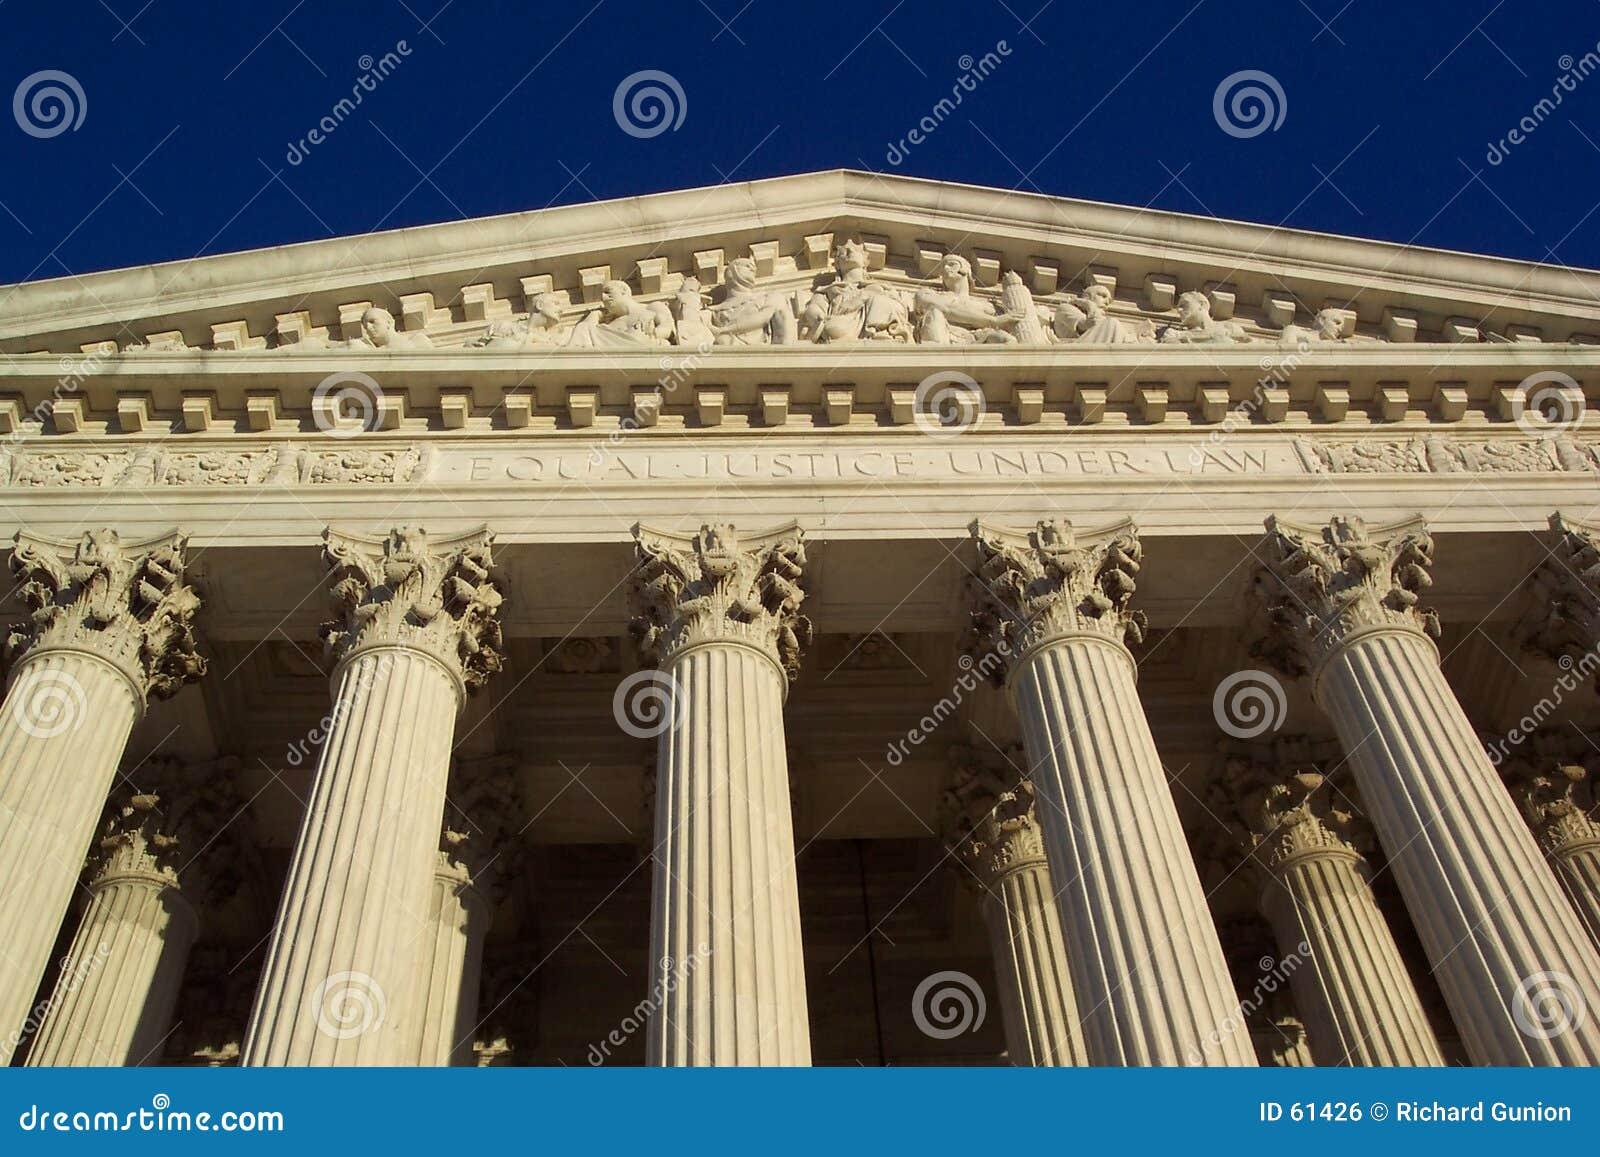 Download Juge de la Cour suprême photo stock. Image du pataugez, tourisme - 61426